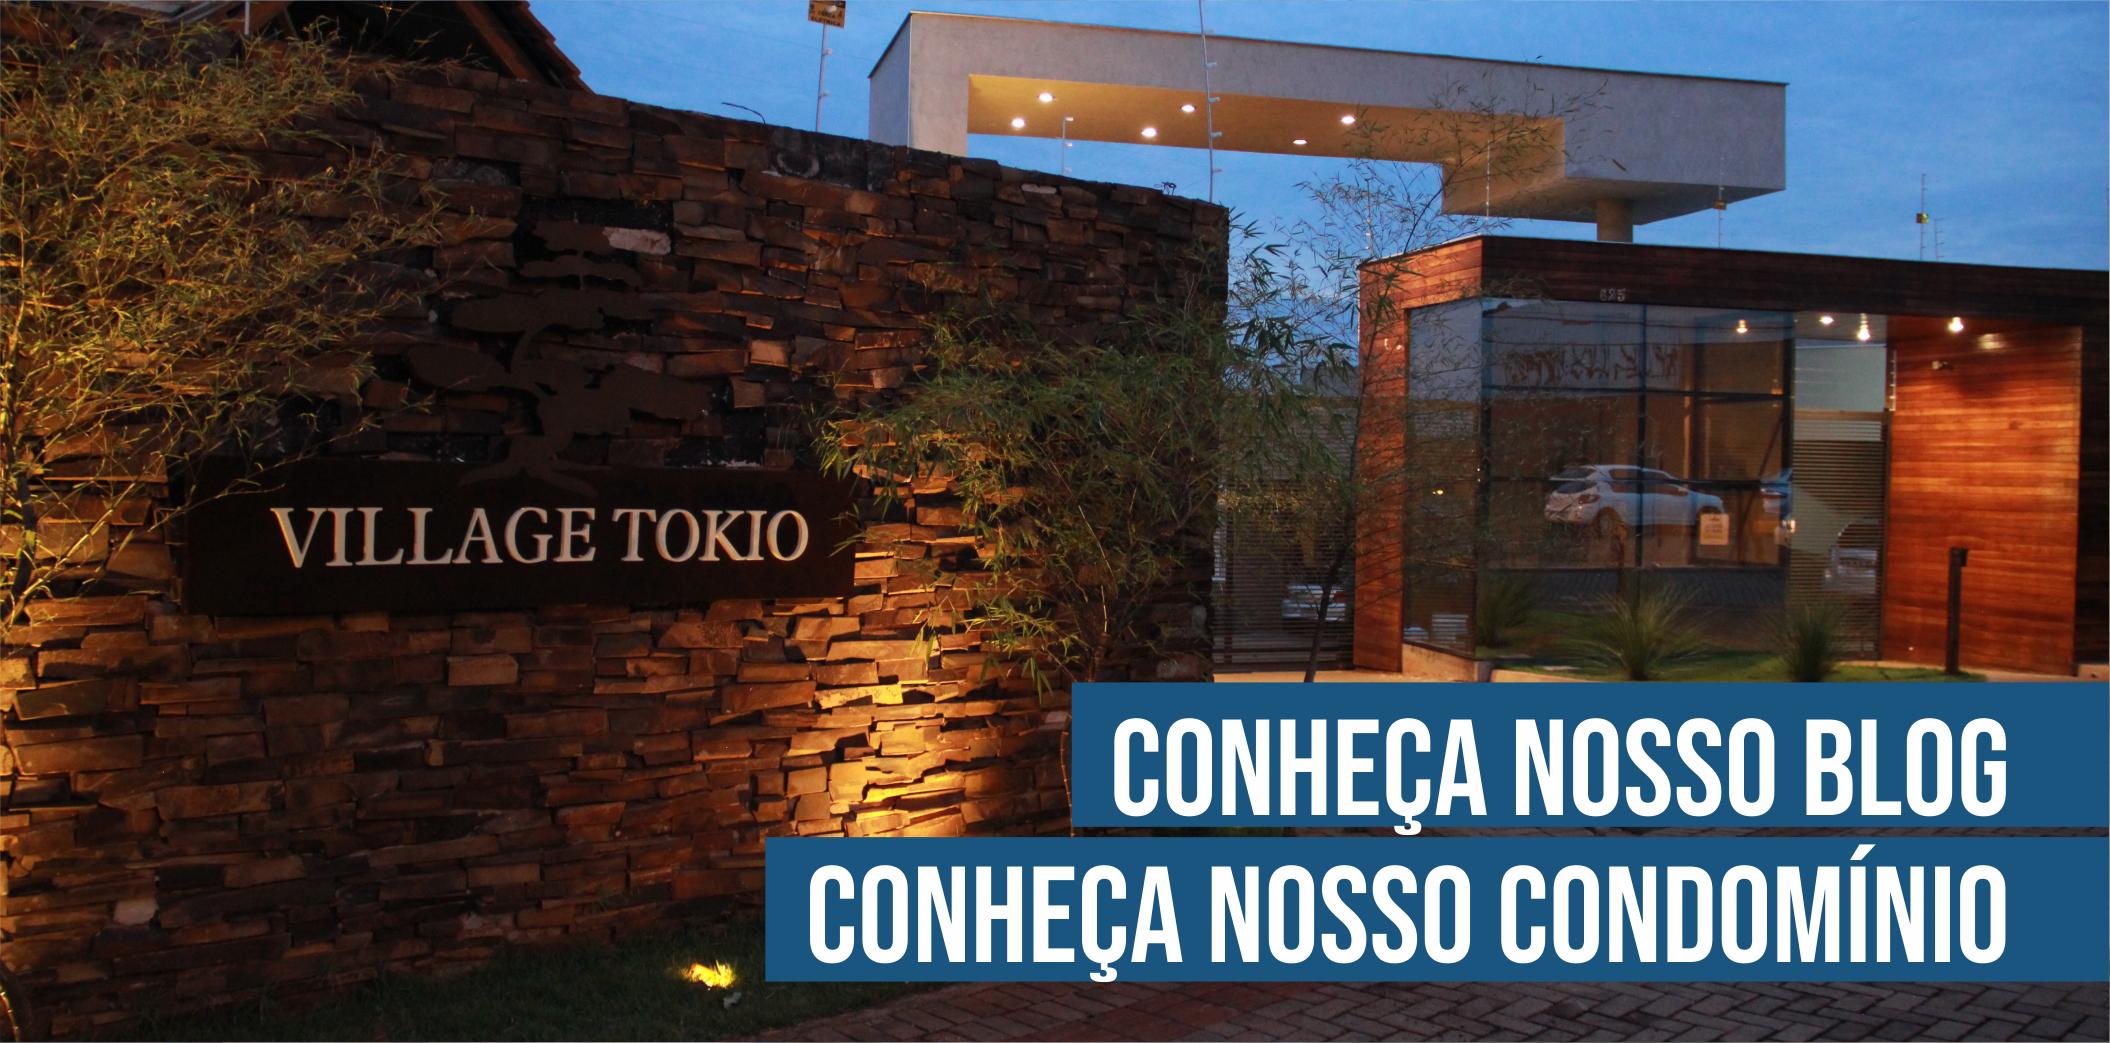 Conheça nosso Blog, conheça nosso Condomínio. Village Tokio - Casas e Sobrados em Condomínio Fechado   Londrina